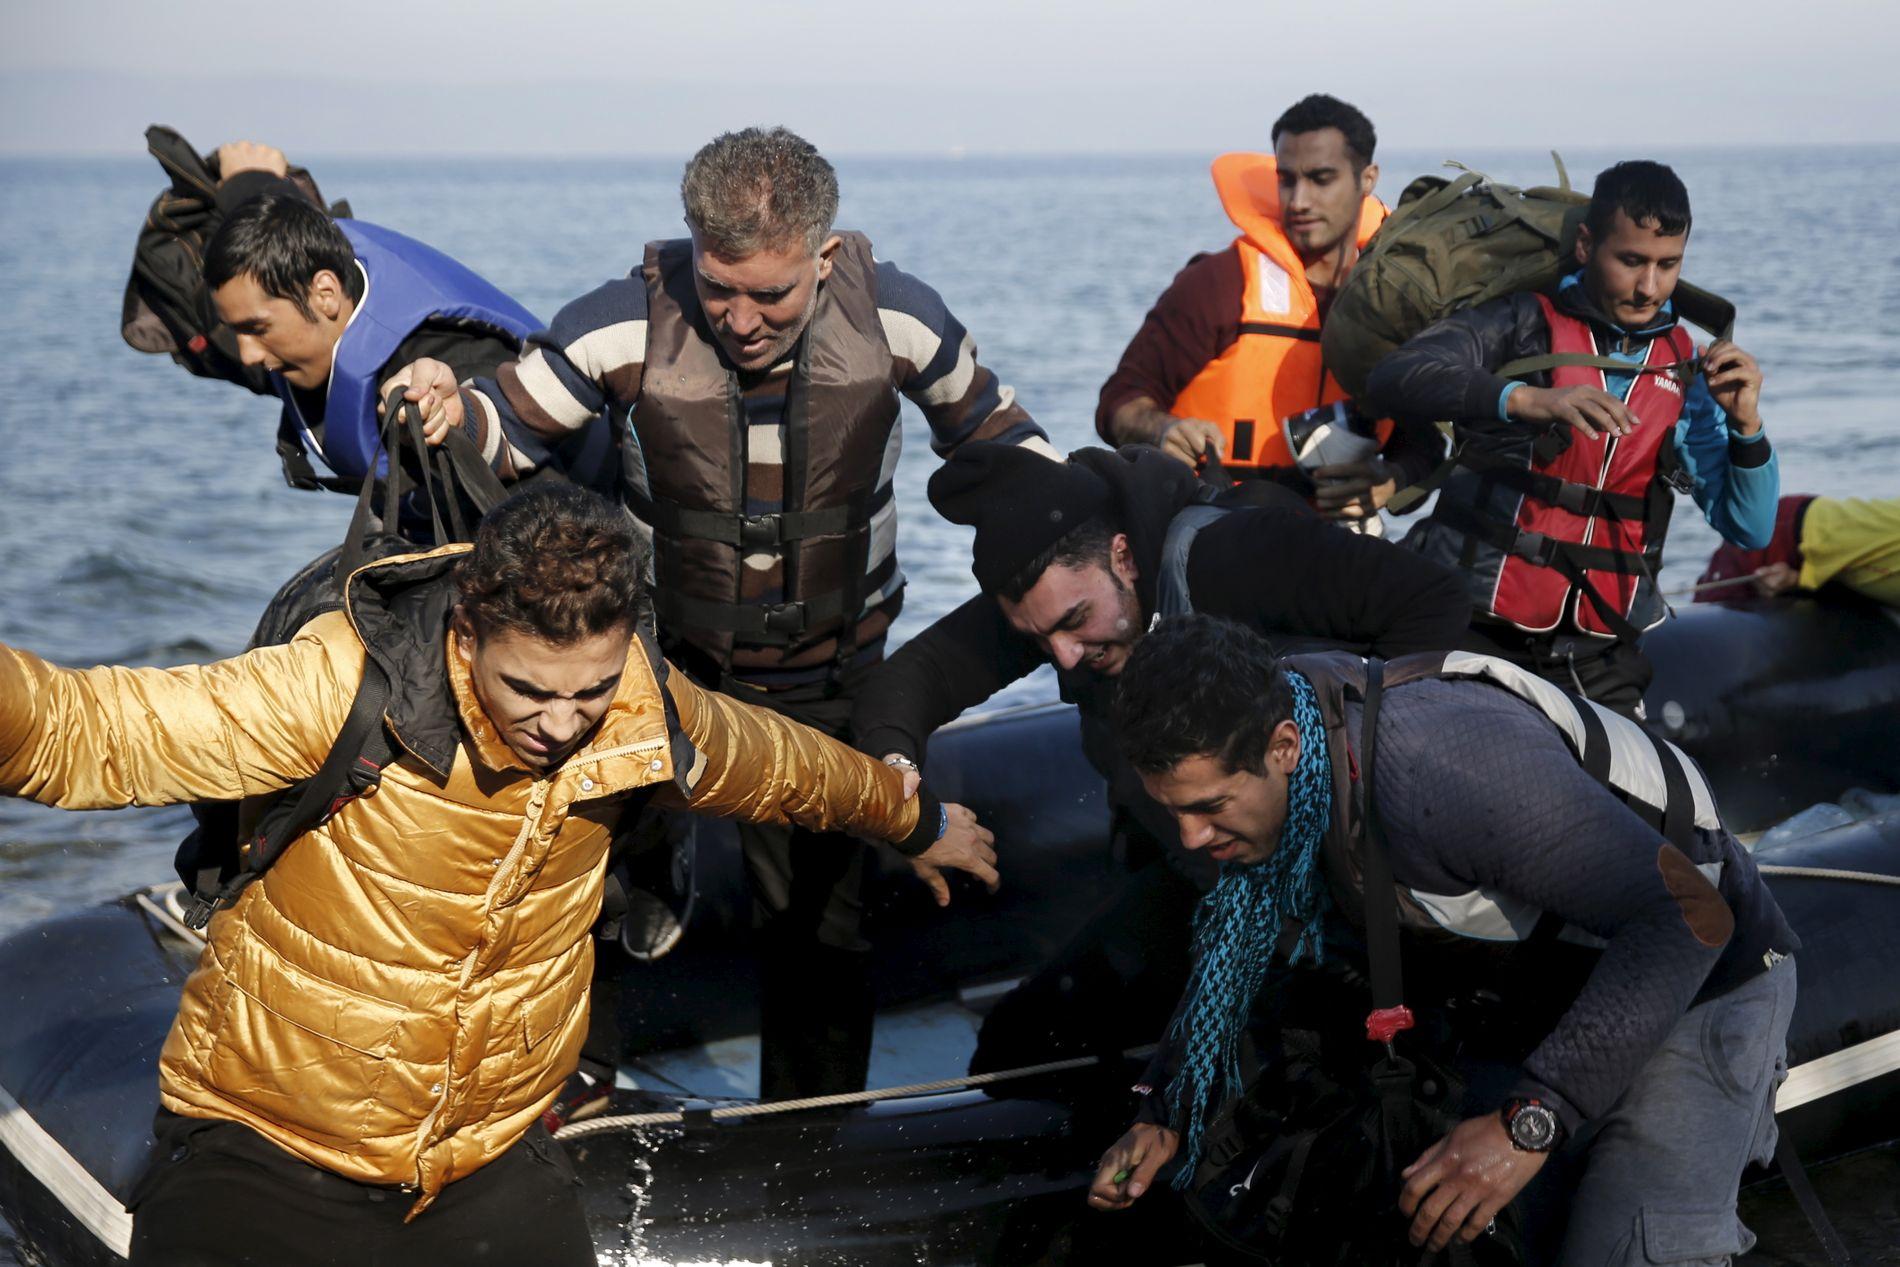 IKKE TILPASSET: Flyktninger som ankom den greske øyen Lesbos med båt onsdag. Dagens regelverk er ikke tilpasset det store antallet flyktninger som nå kommer til Europa